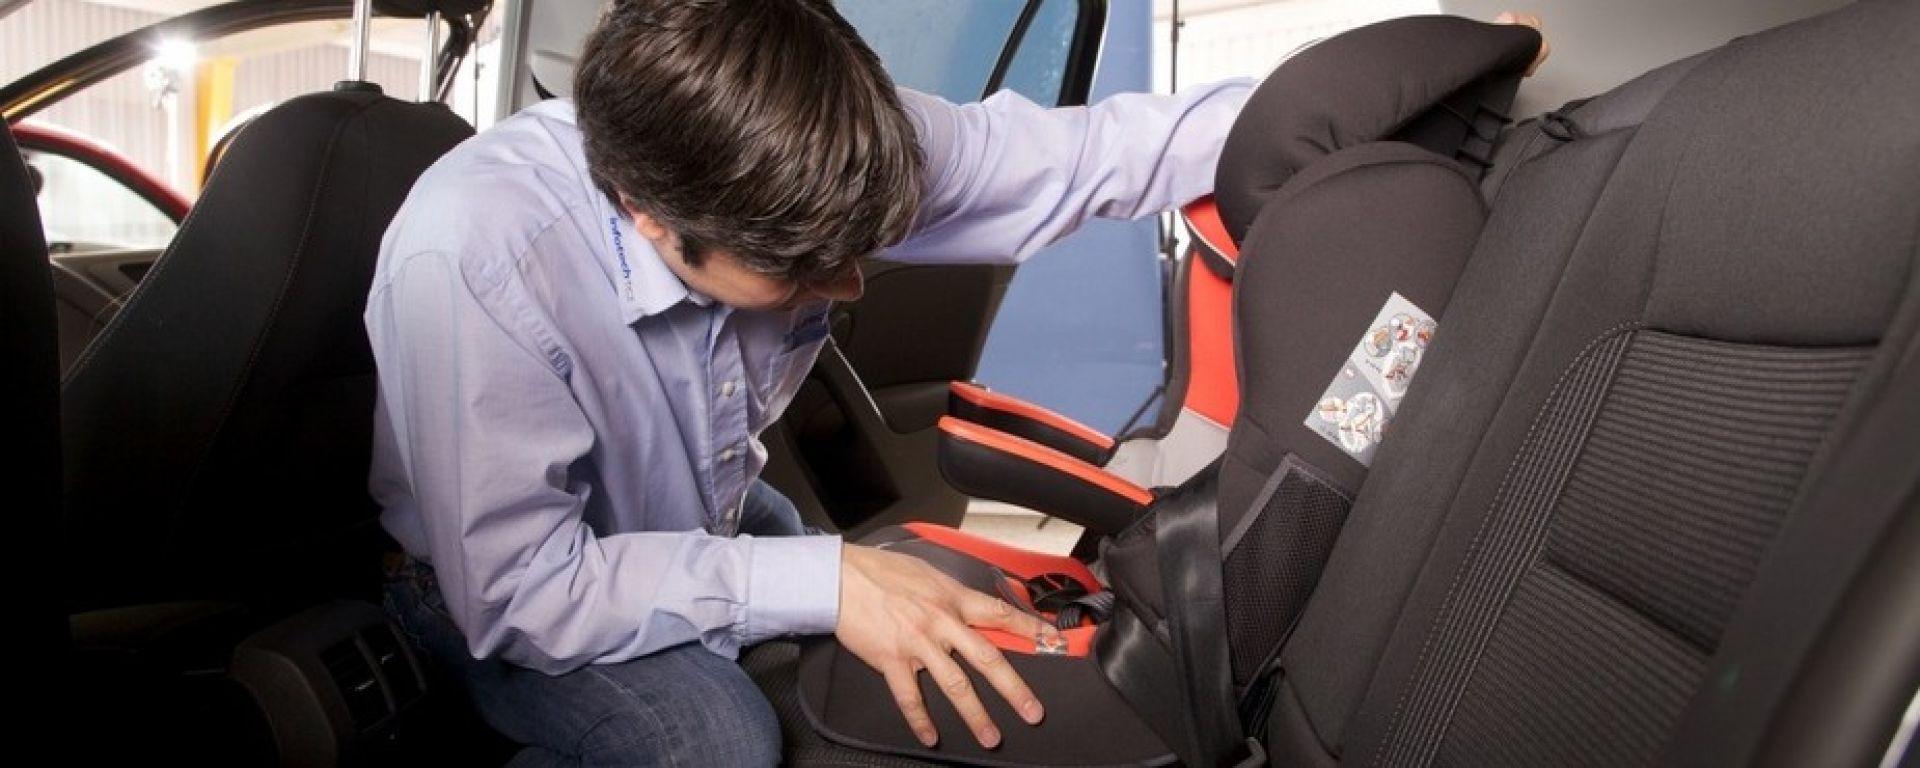 Bimbi a bordo: nuova normativa sui seggiolini per auto